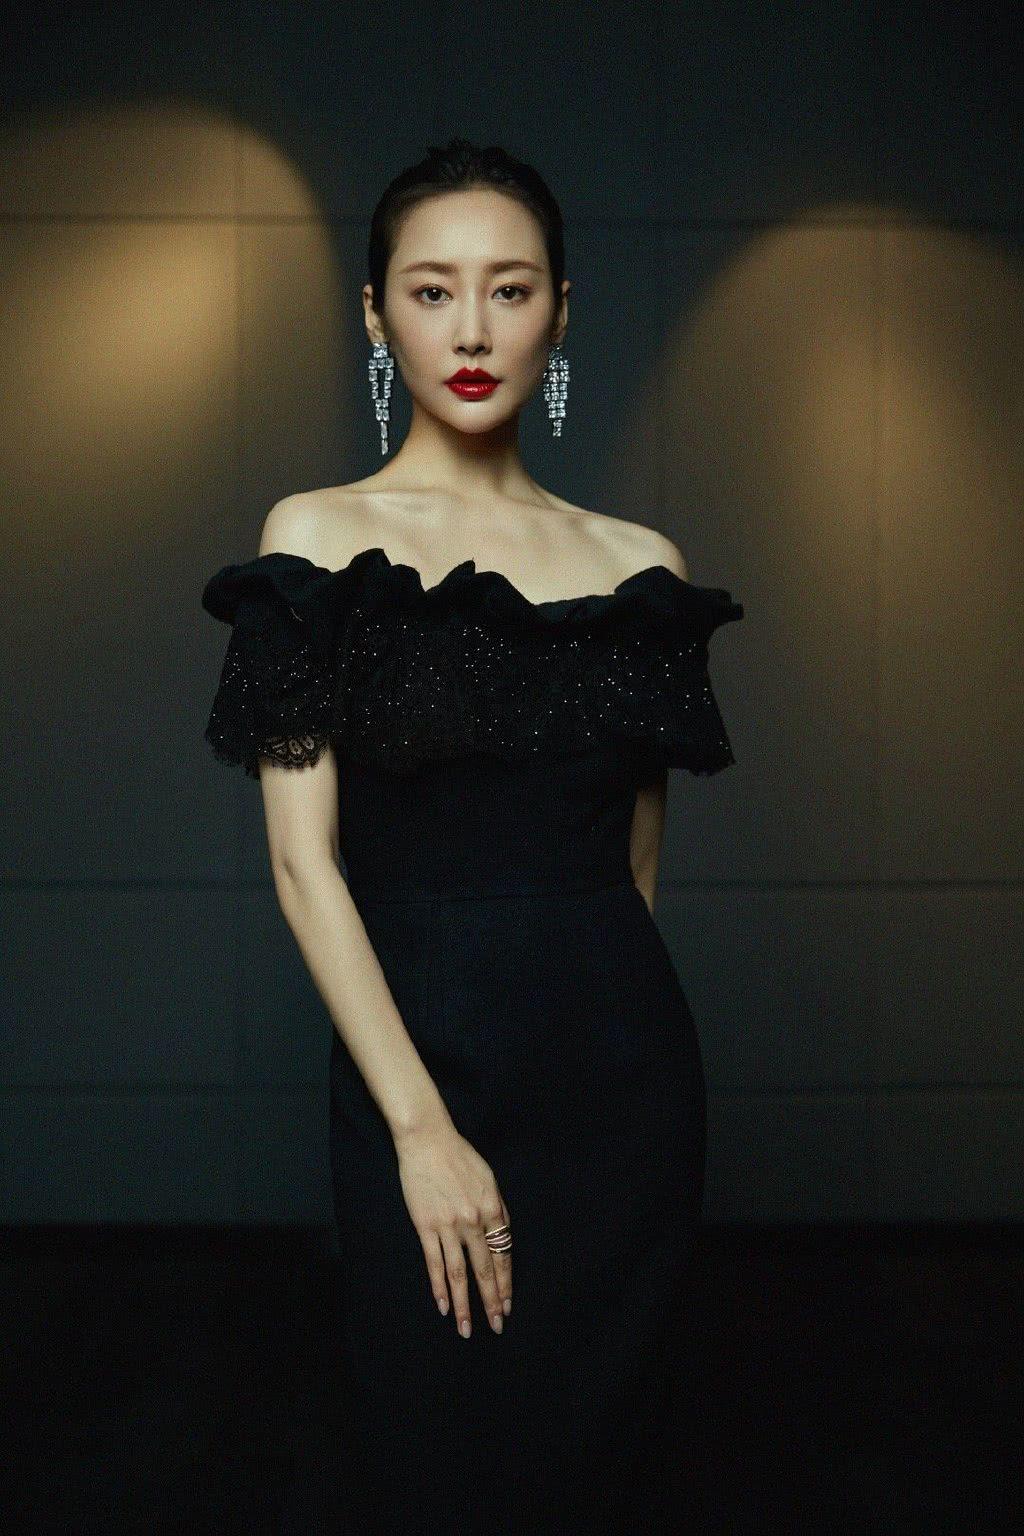 演《如懿传》反派她30岁走红,穿一字肩修身裙,撞衫杨紫都稳赢